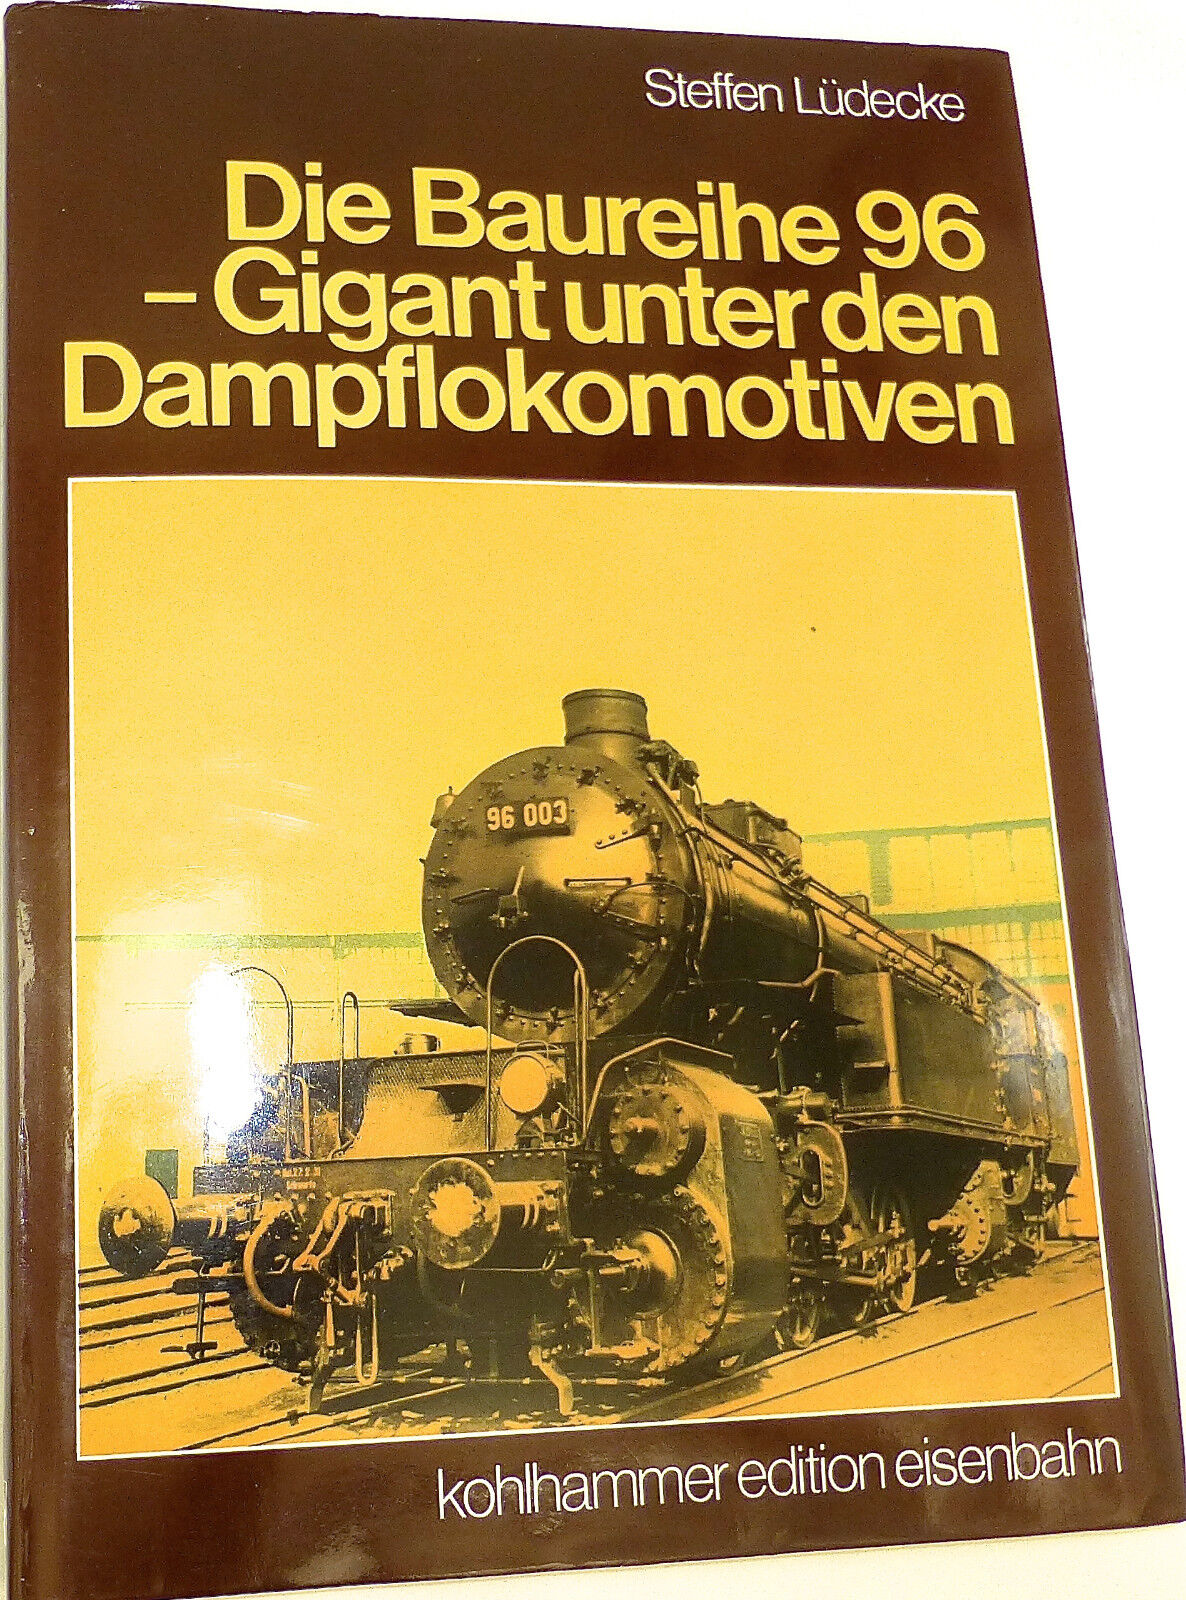 Die Baureihe 96 Gigant Unter Den Dampflokomotiven Steffen Lüdecke Kohlhammer Å